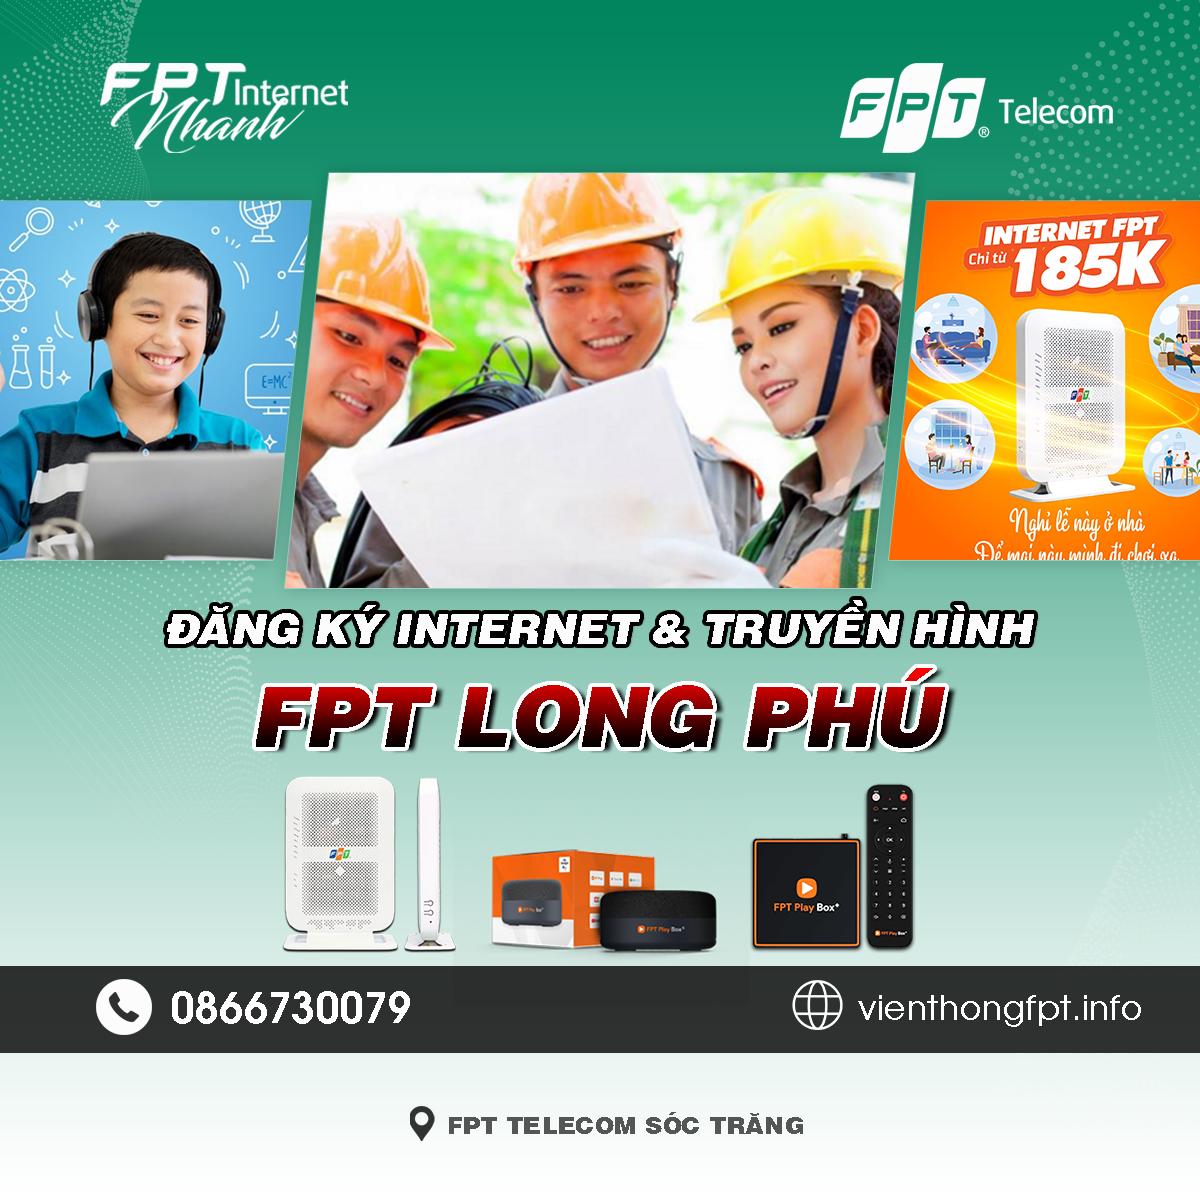 Tổng đài FPT Long Phú - Đơn vị lắp mạng Internet và Truyền hình FPT